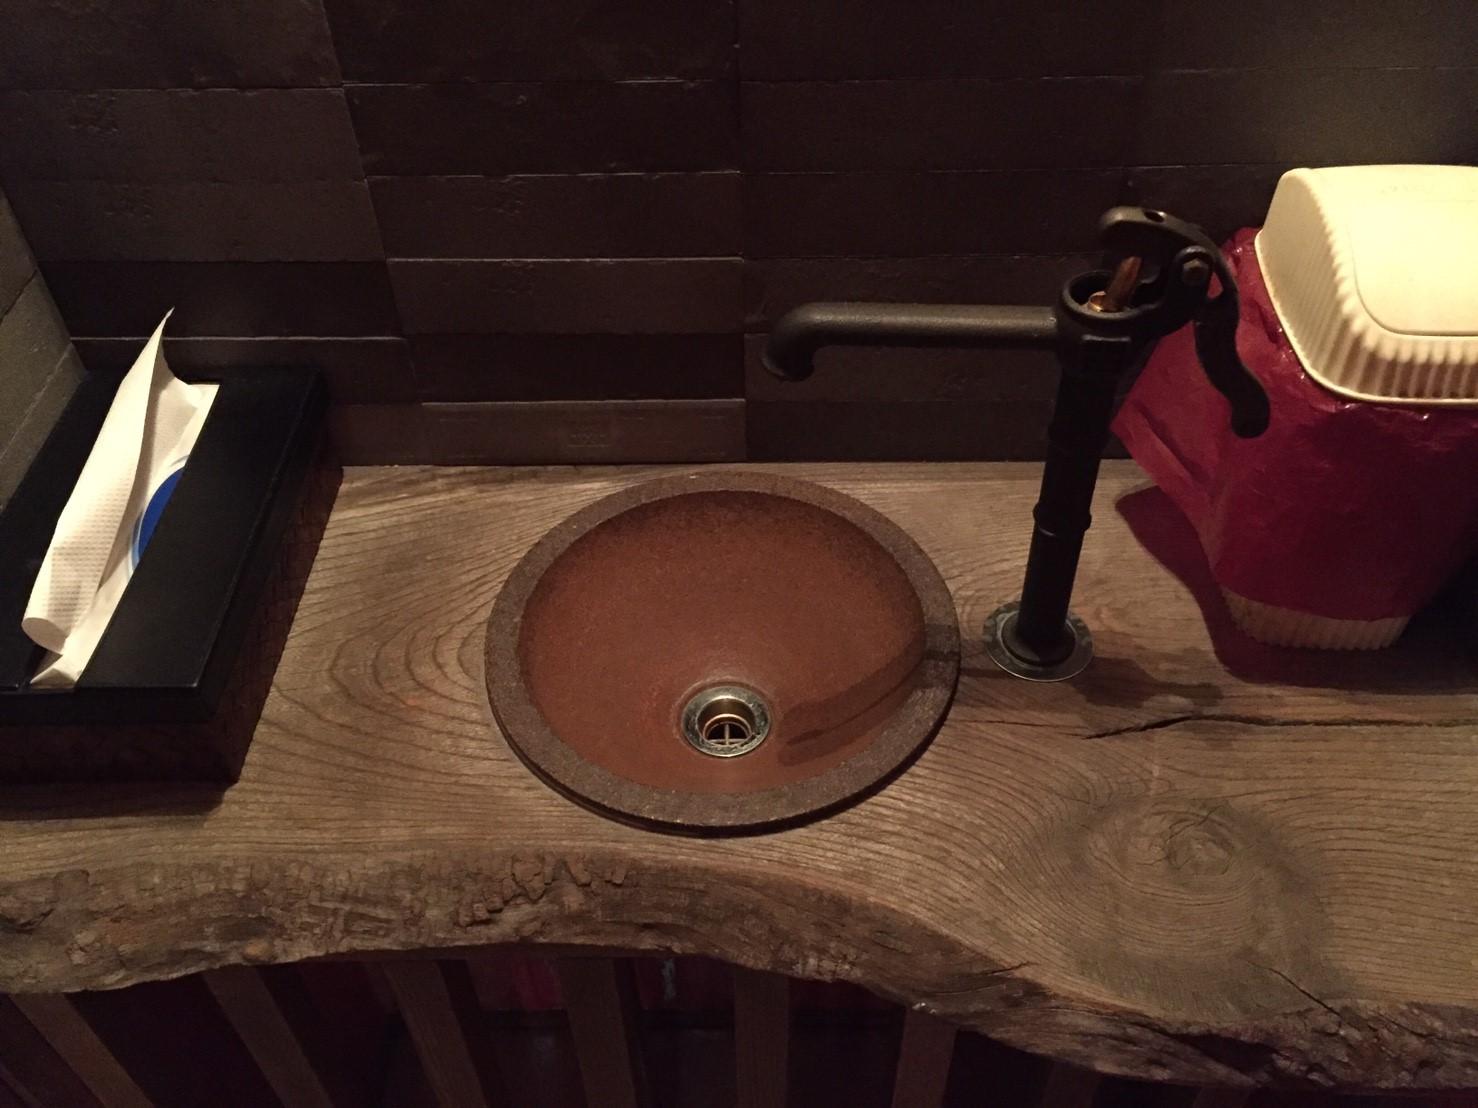 居酒屋『豚匠』の洗面台蛇口に設置された井戸ポンプ型の蛇口